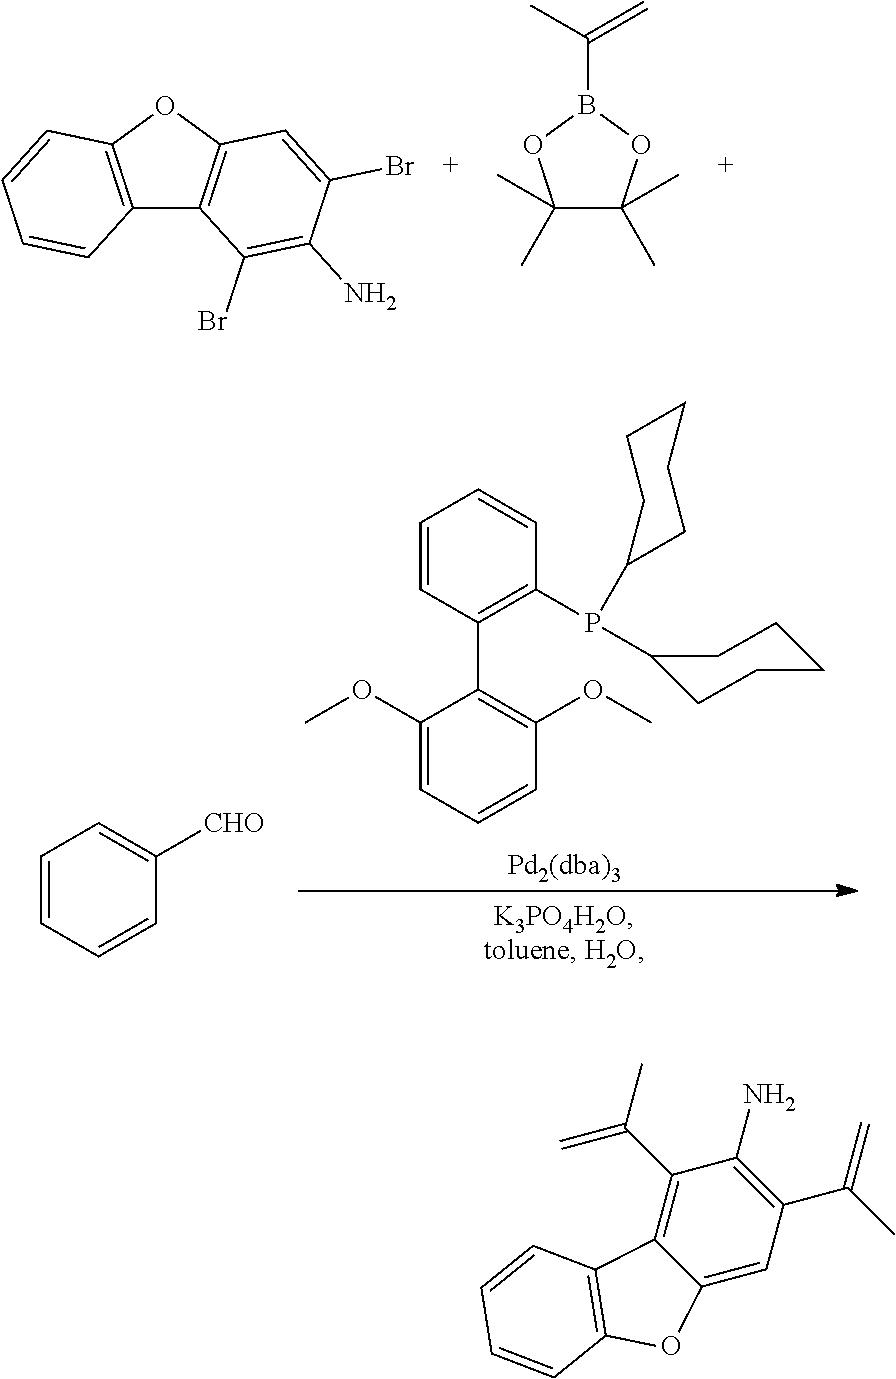 Figure US20110204333A1-20110825-C00211